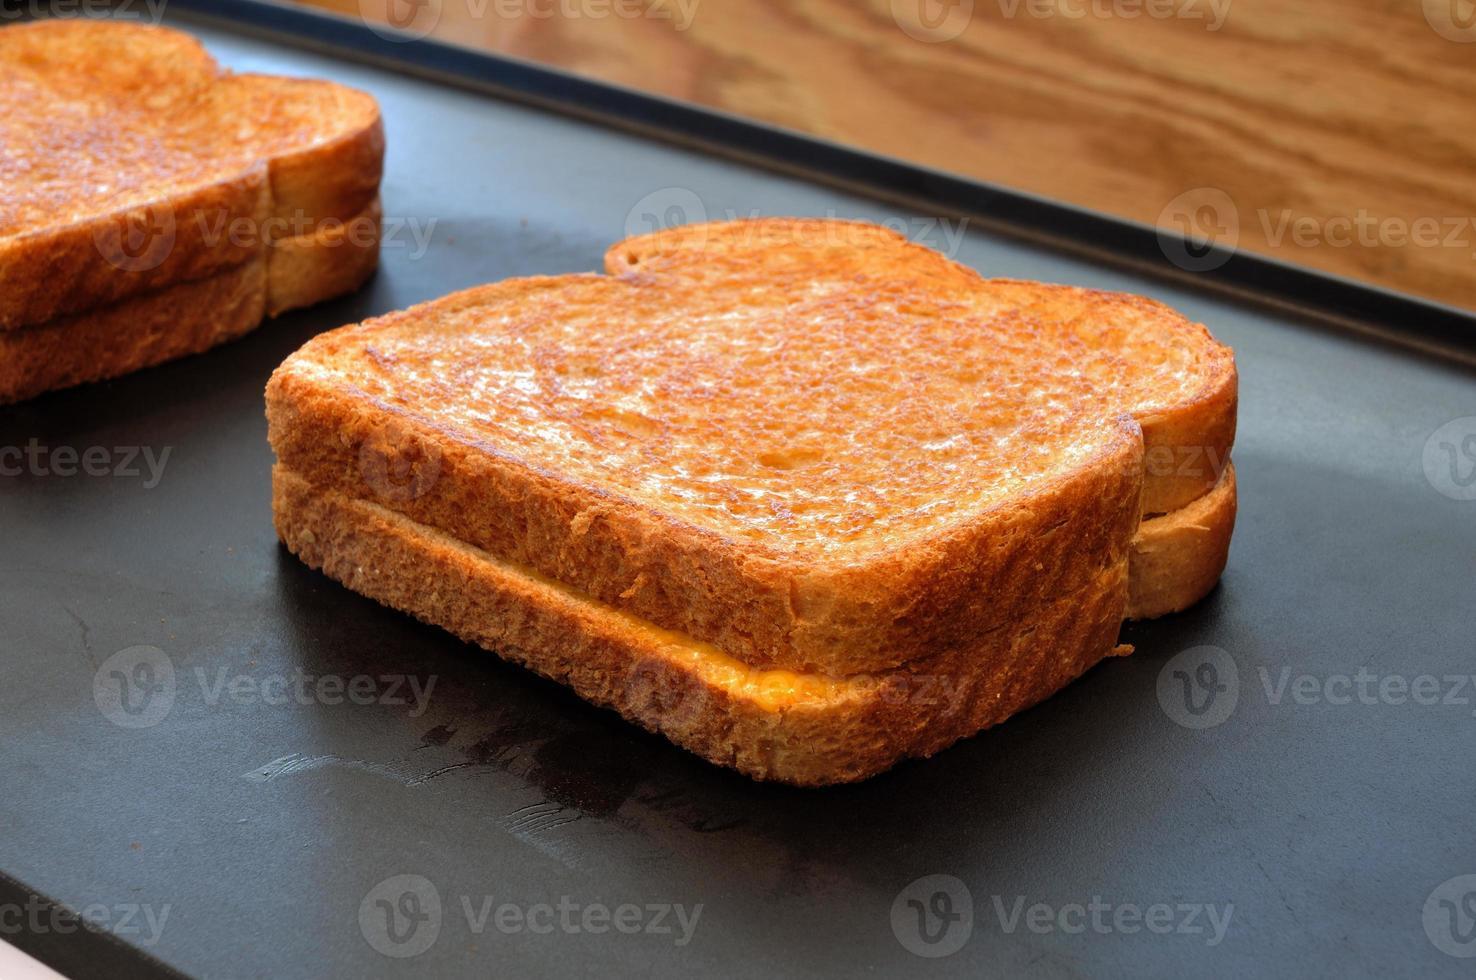 twee broodjes gegrilde kaas op een hete plaat foto